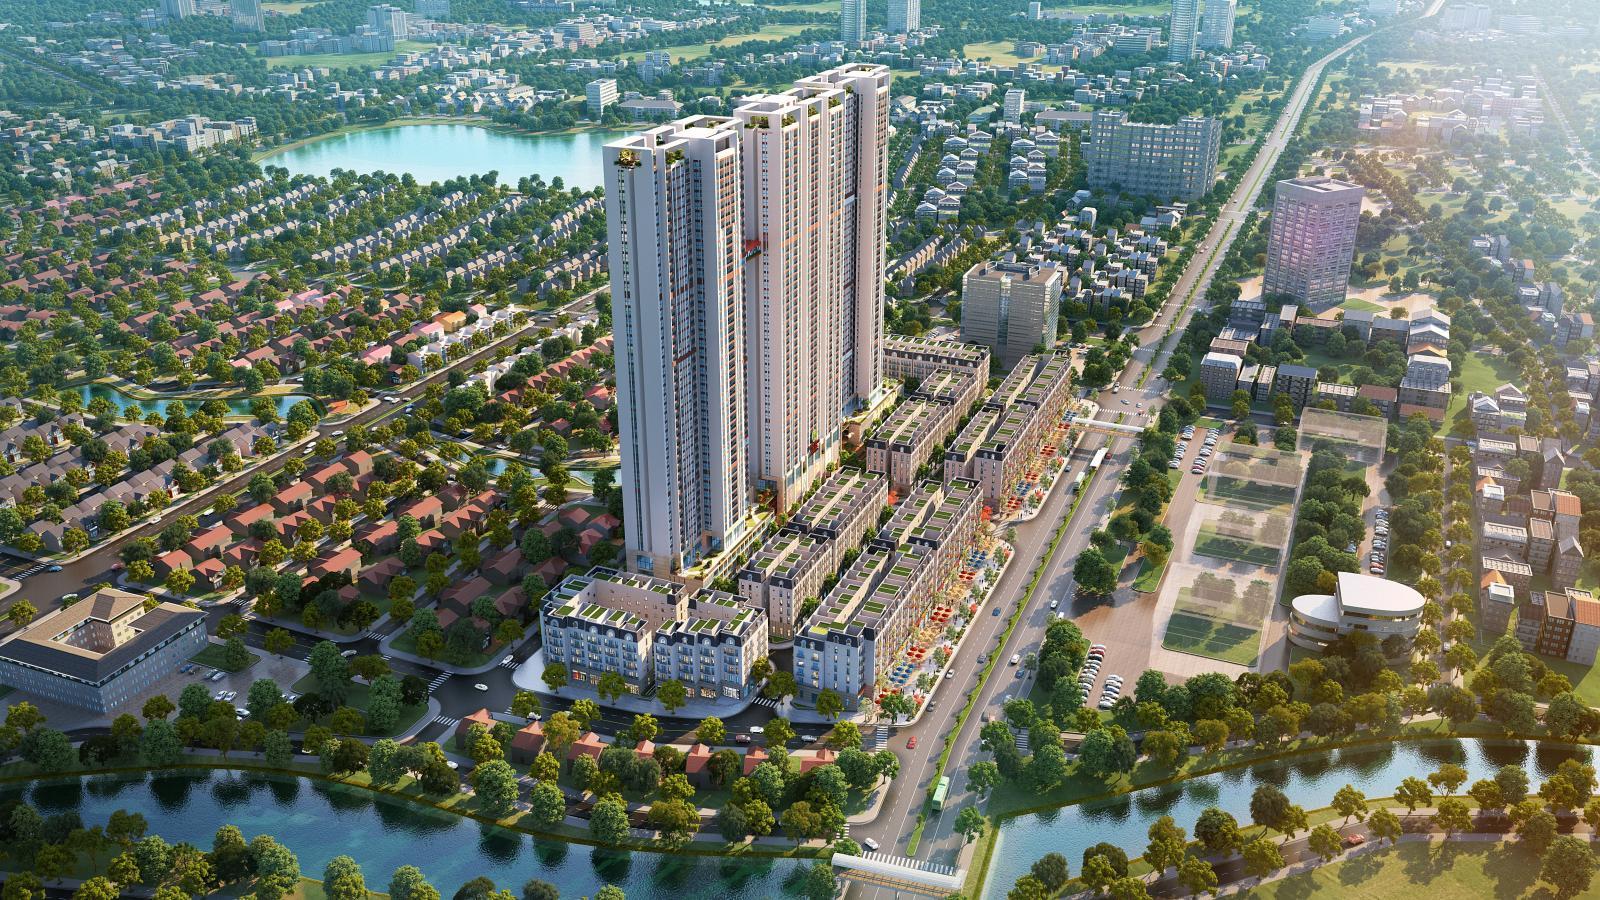 Phối cảnh một tòa nhà cao tầng nằm gần mặt đường lớn, xung quanh là các công trình thấp tầng